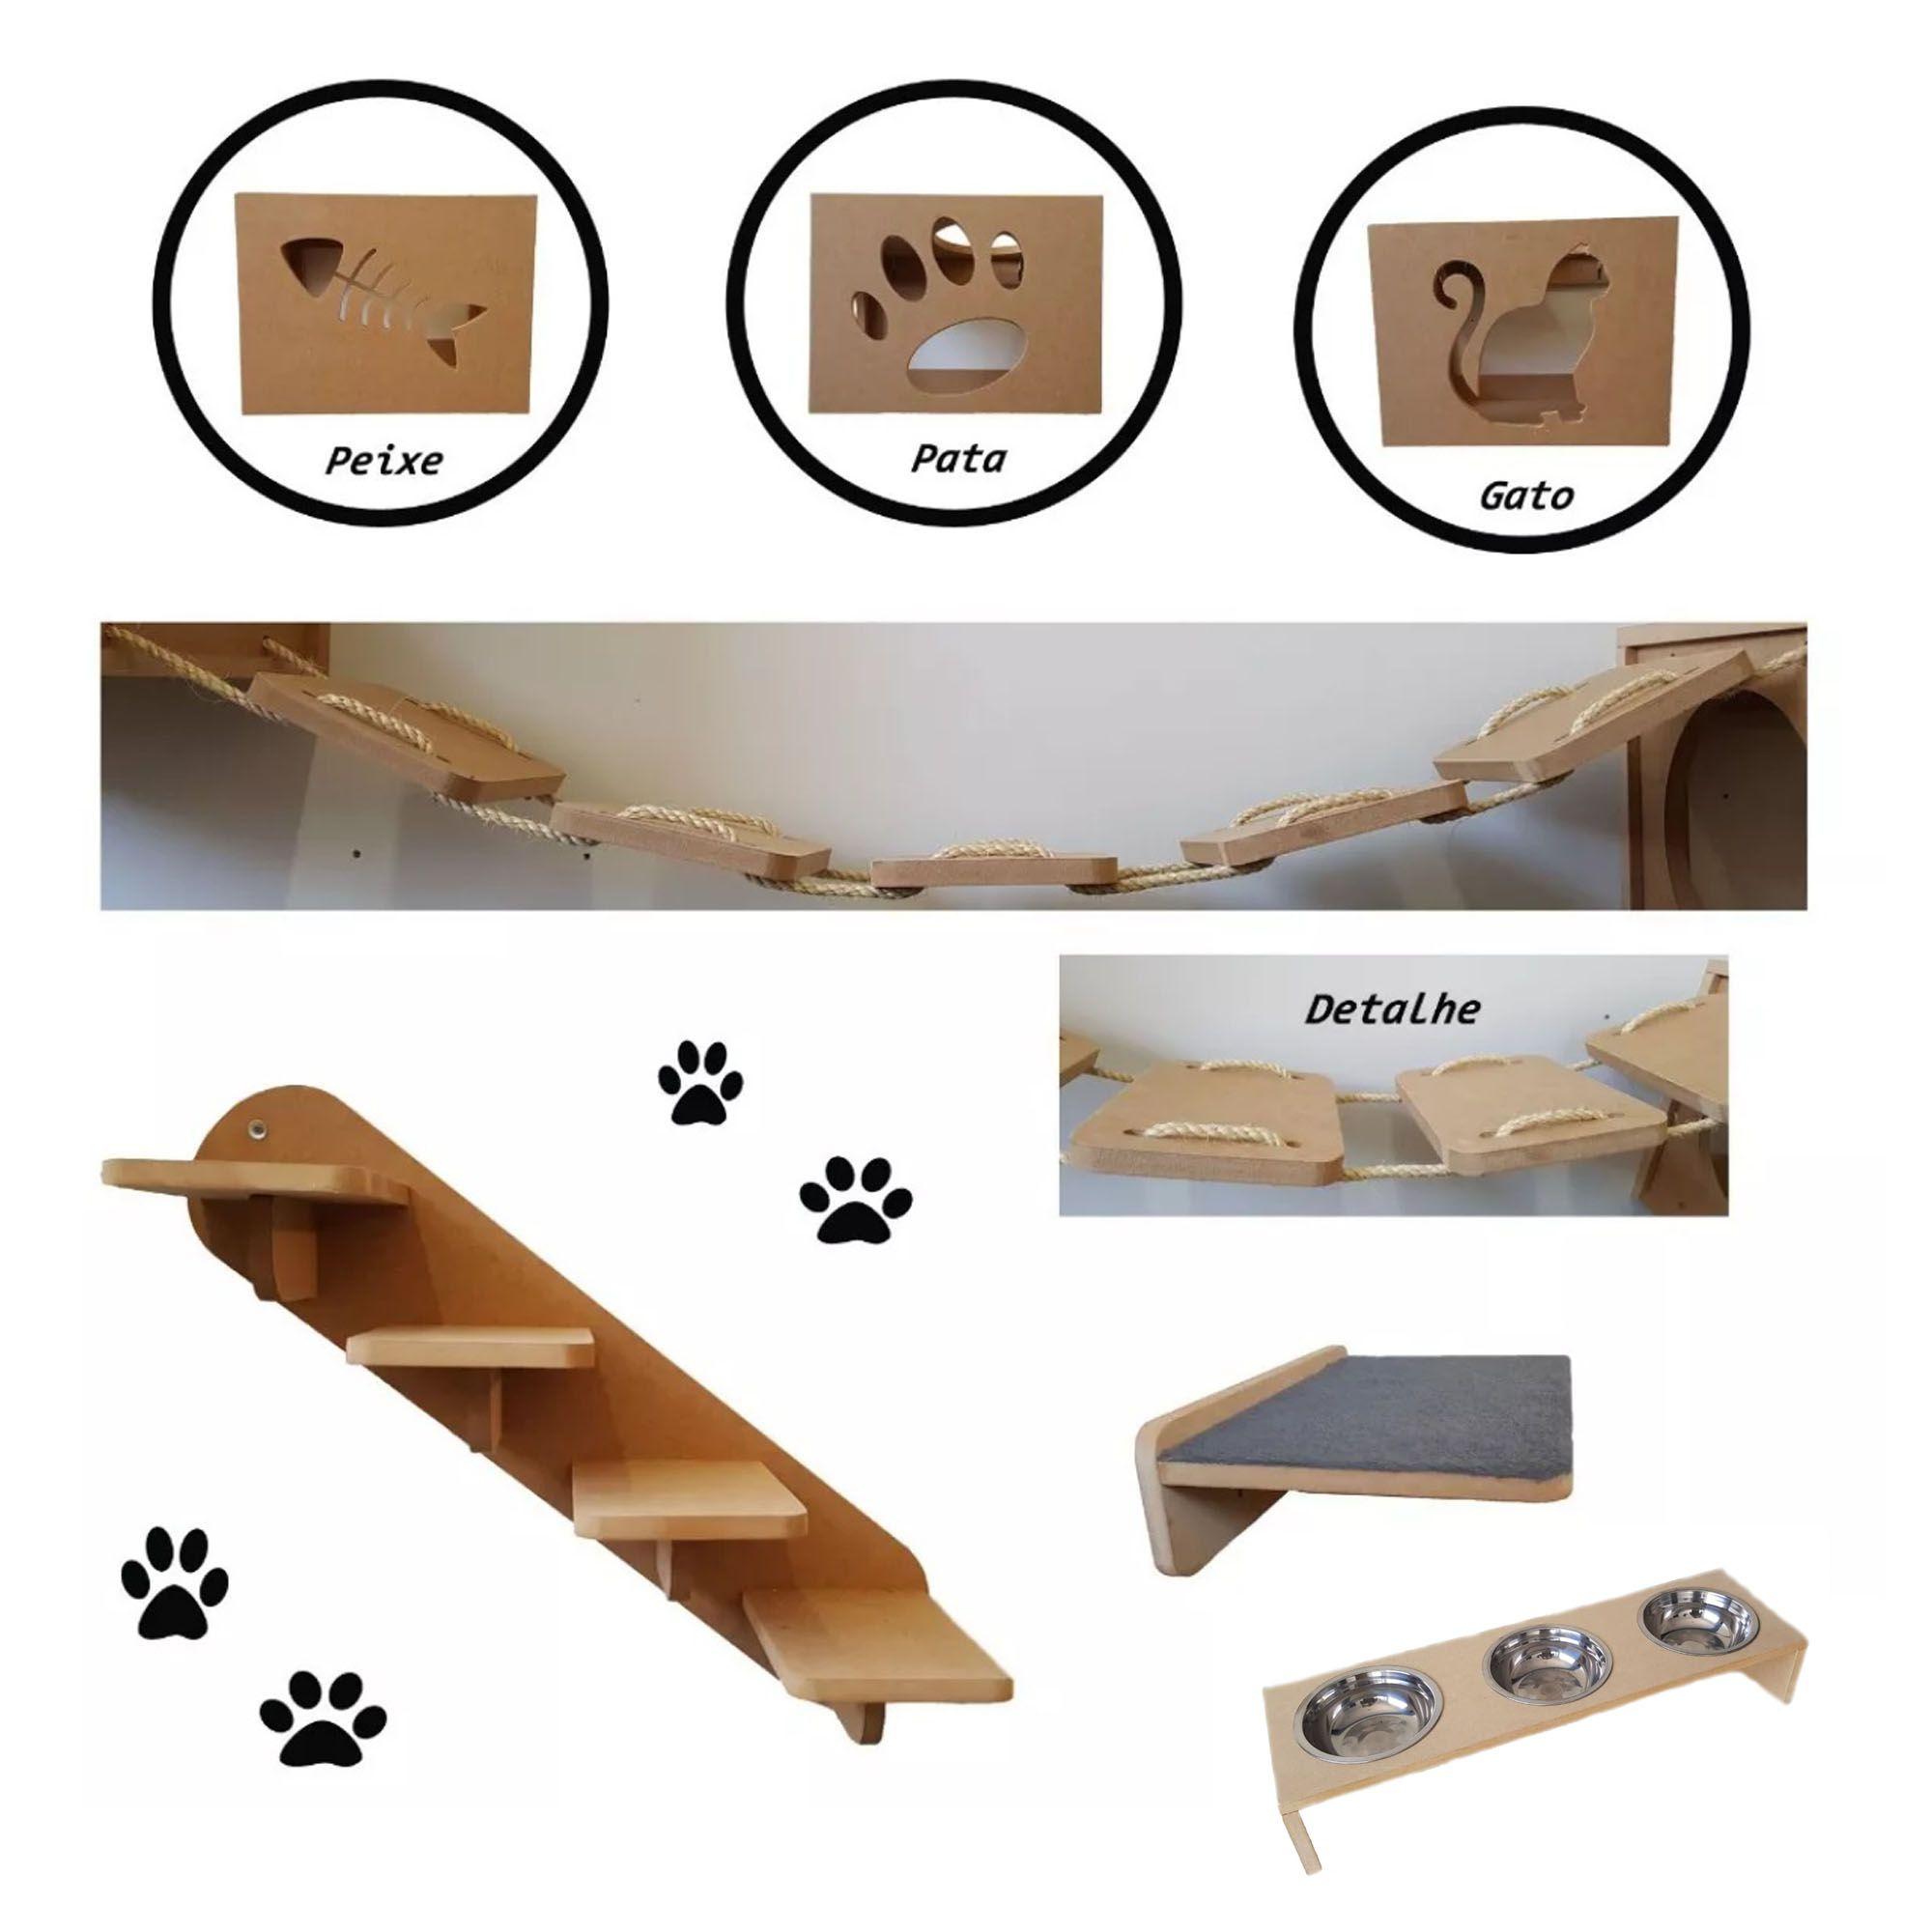 Nicho Gato - Kit Nicho para Gato 7 pçs = 3 Nichos + Comedouro De Chão Triplo + Prateleira + Escada + Ponte Gato Mdf15mm